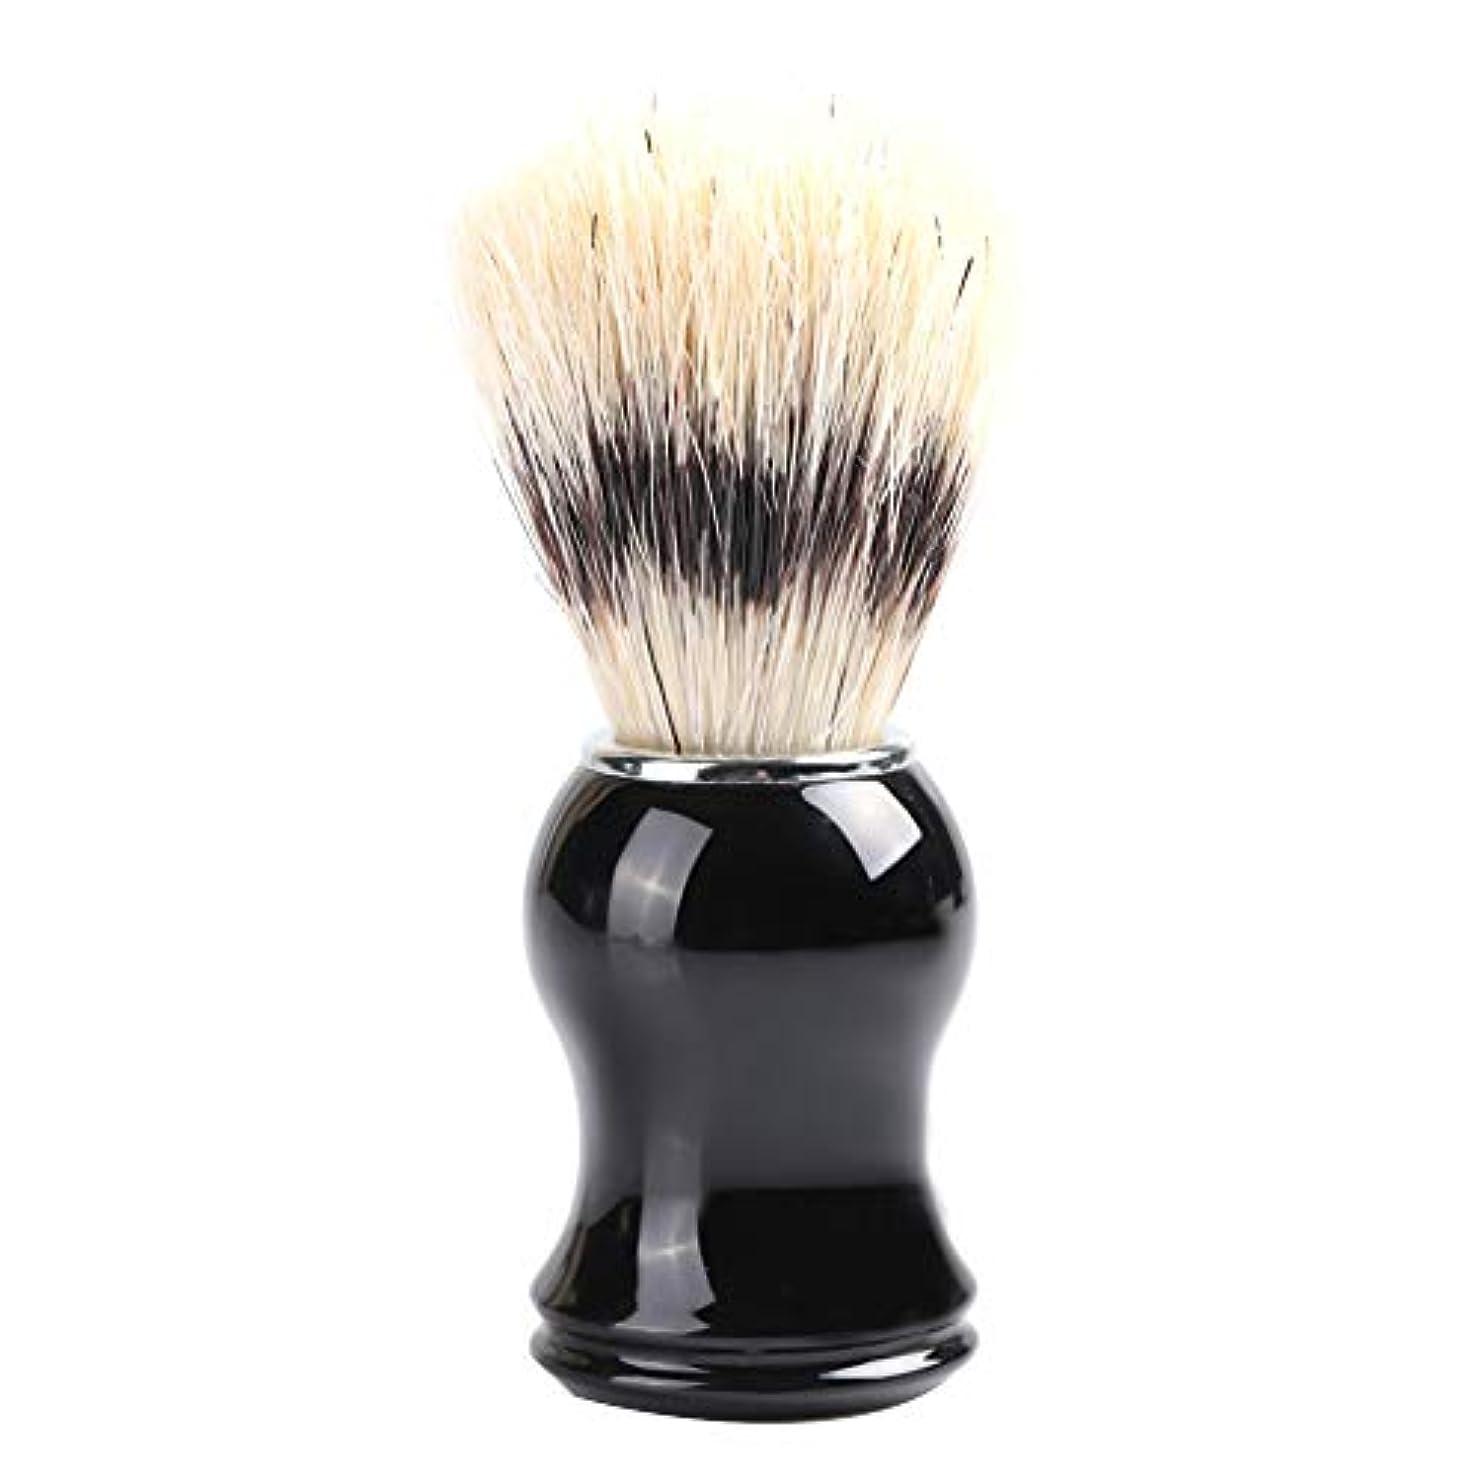 計り知れないかなりの知っているに立ち寄る2種類男性のシェービングブラシ髭剃りツールアルミハンドルヘアブラシ口ひげブラシ用プロフェッショナルシェービング(2#Nylon+Black)